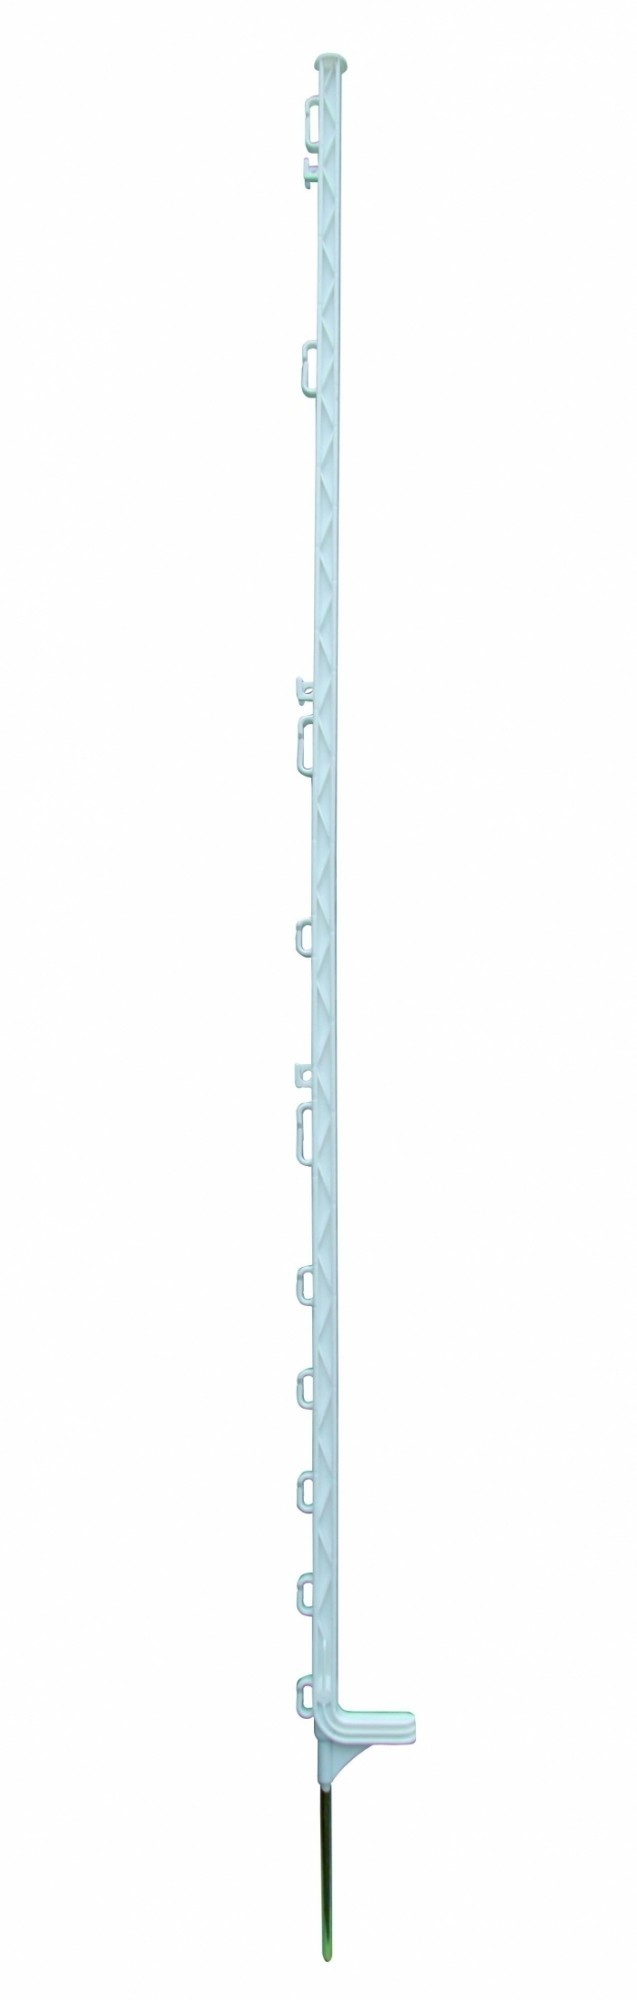 Horizont kunststof paal Extra wit 13-ogen 169cm 10 stuks